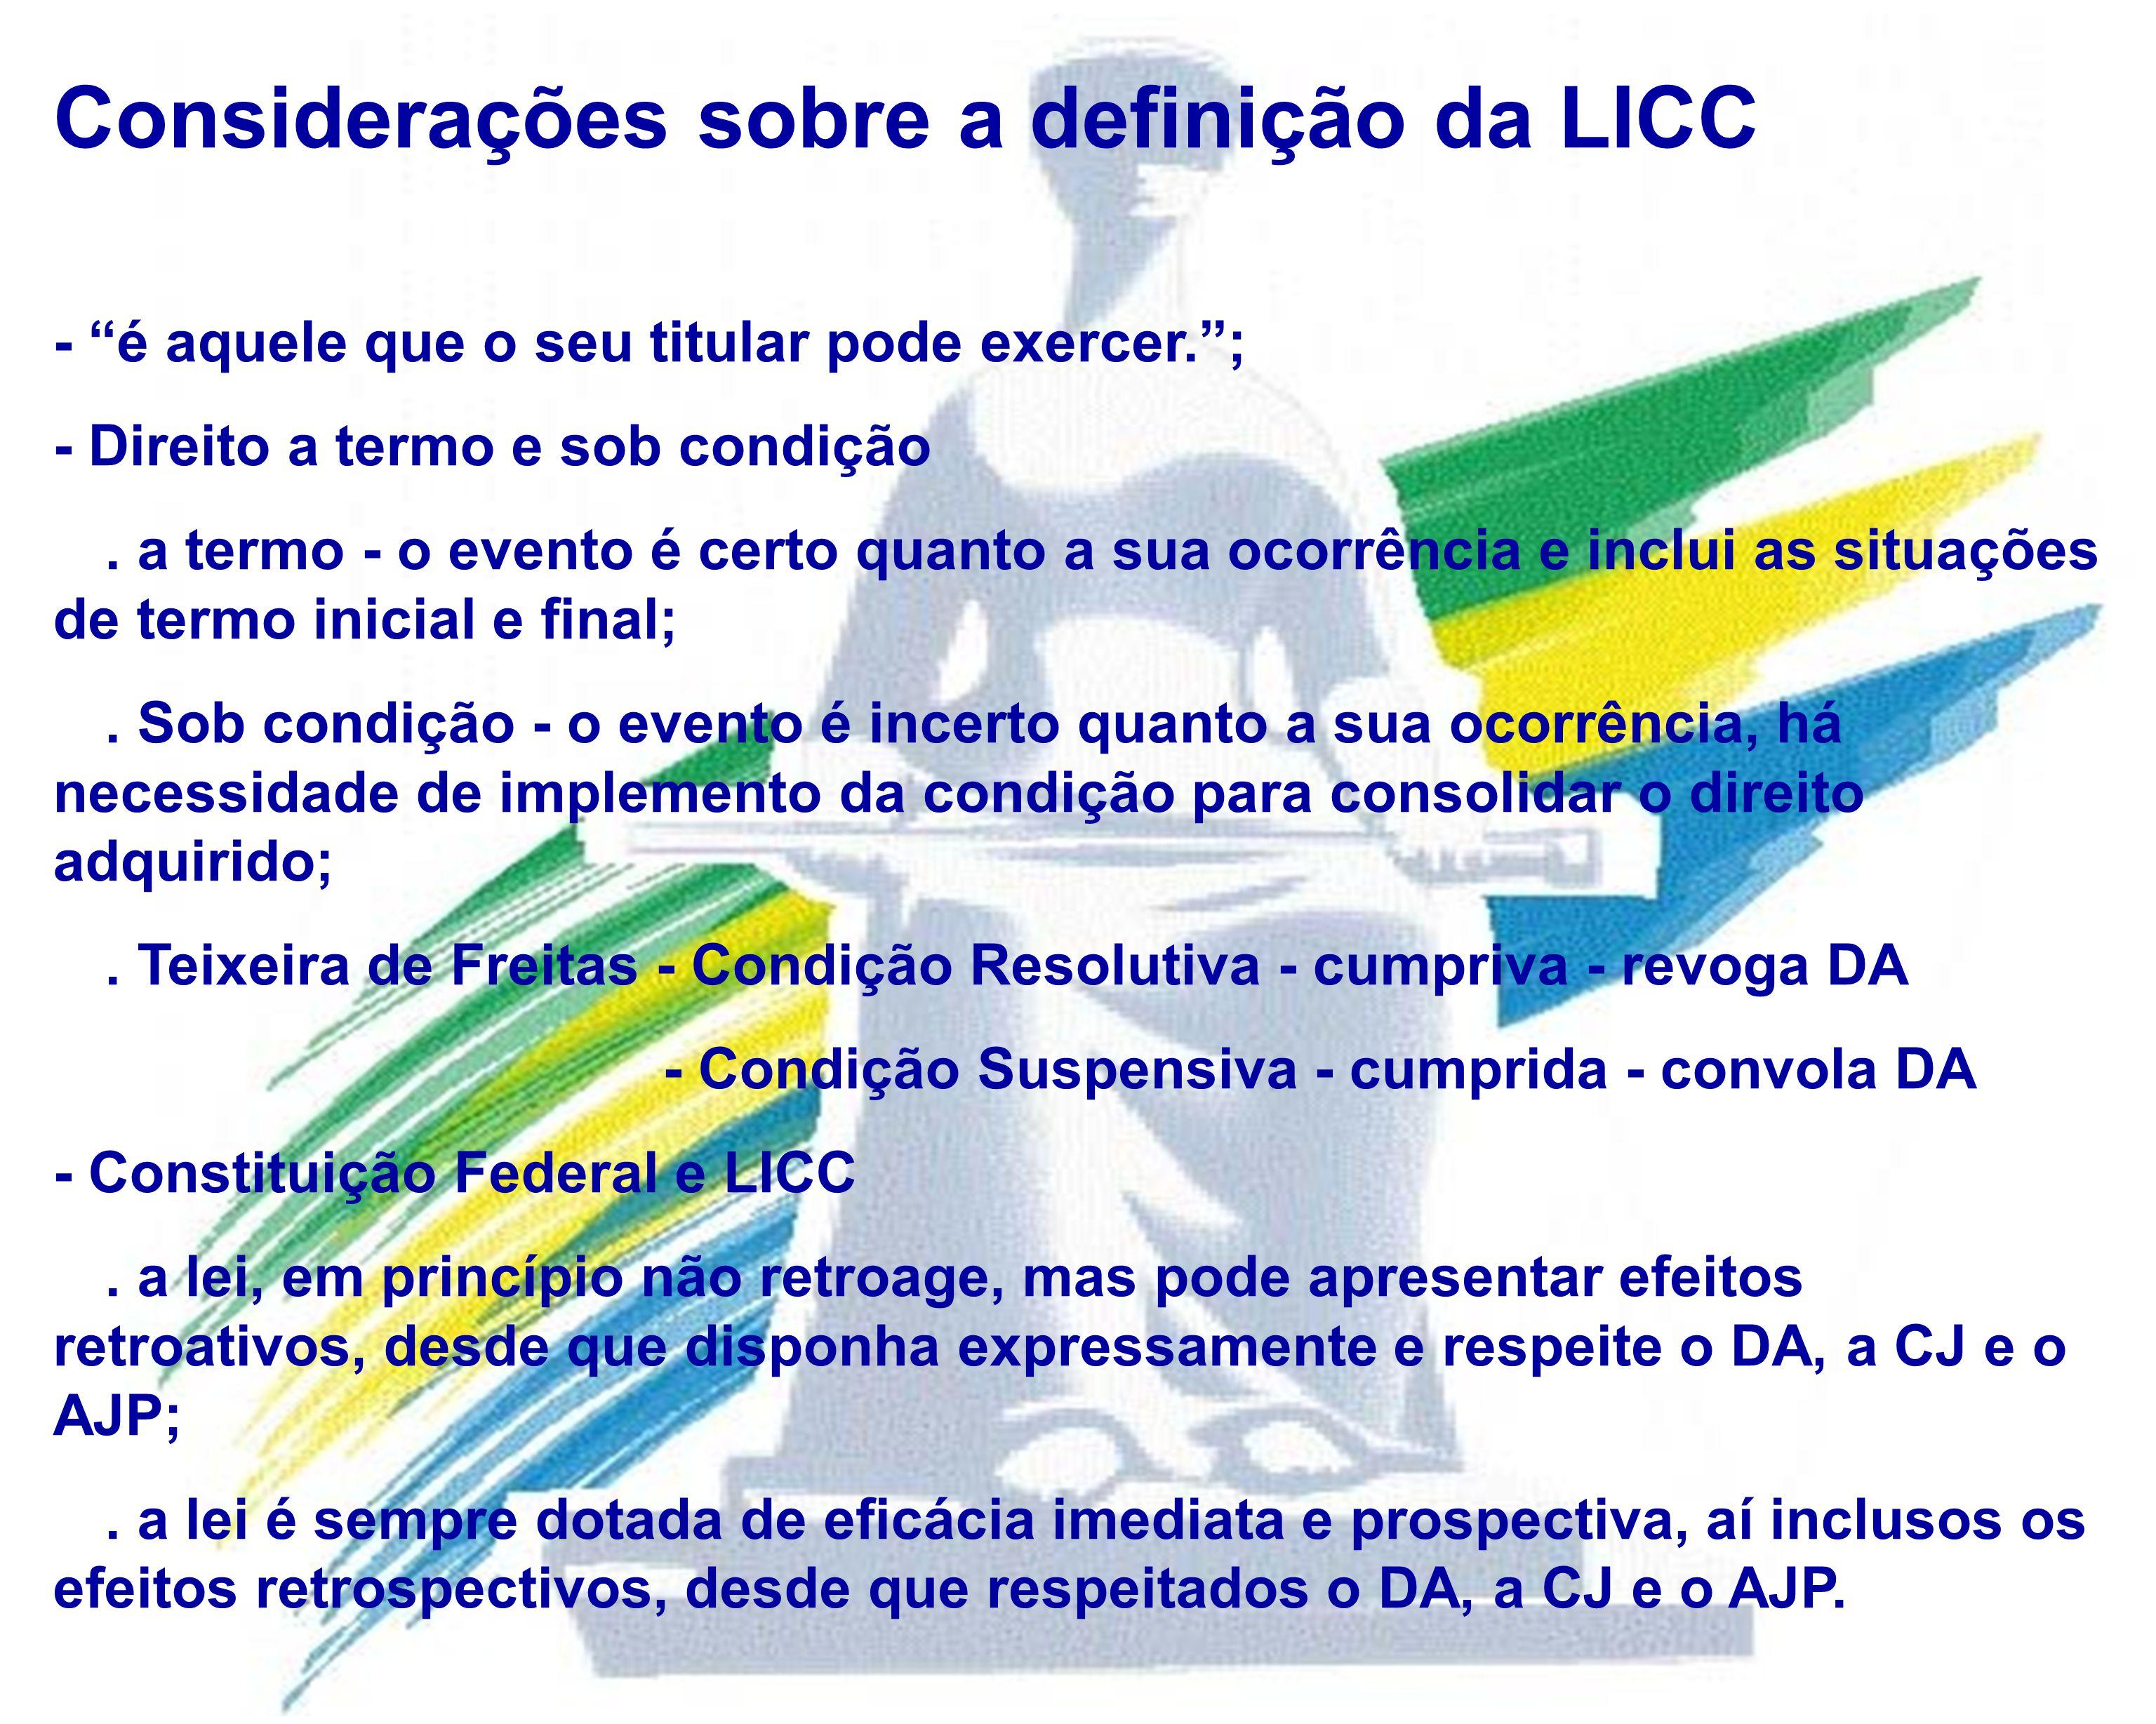 Considerações sobre a definição da LICC